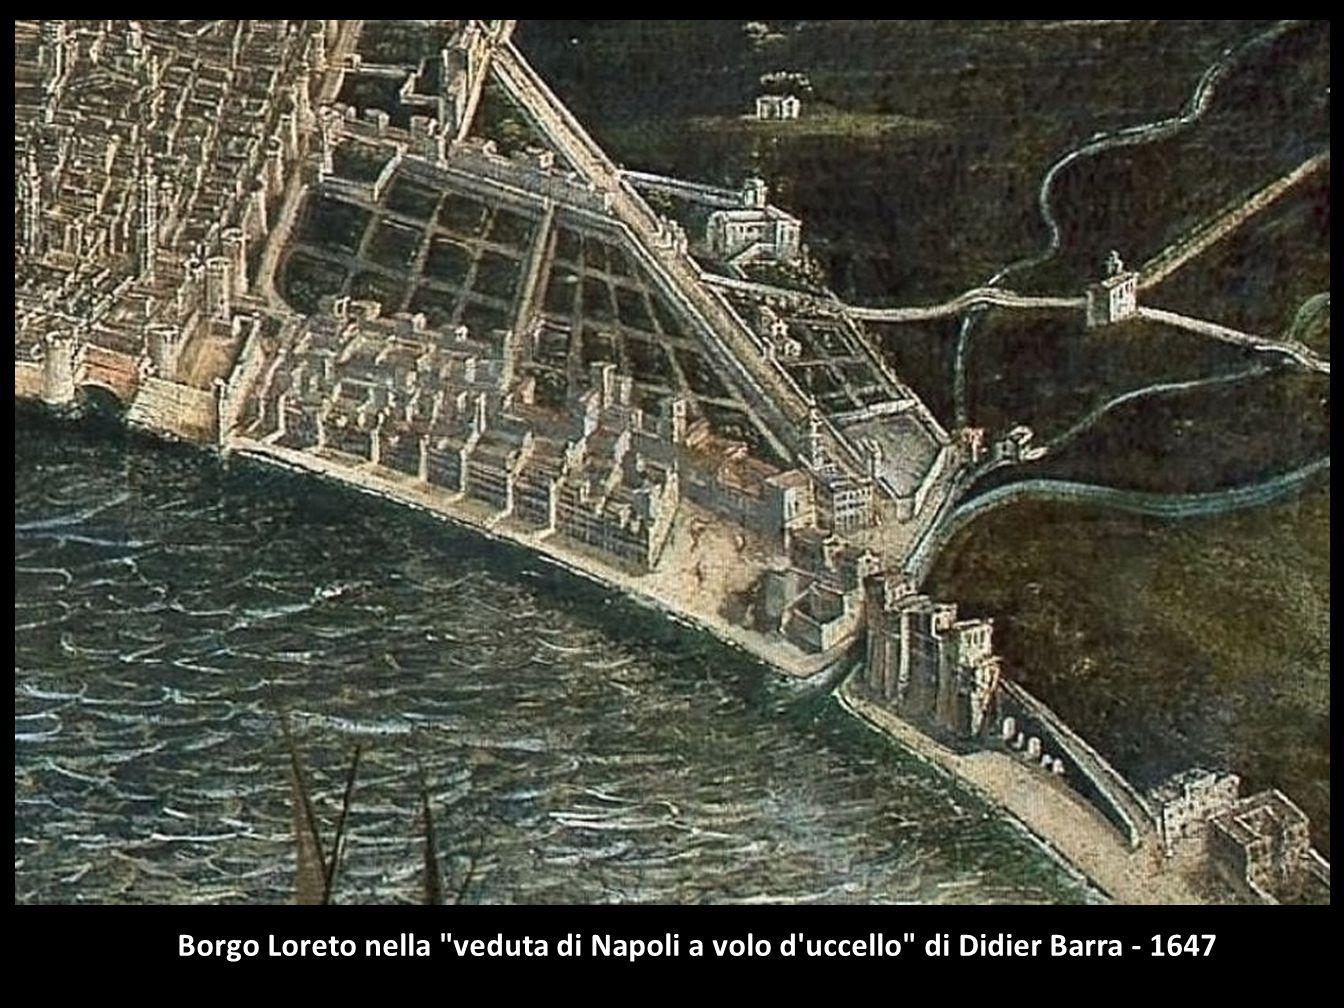 Cartografia del Duca di Noja - 1775)